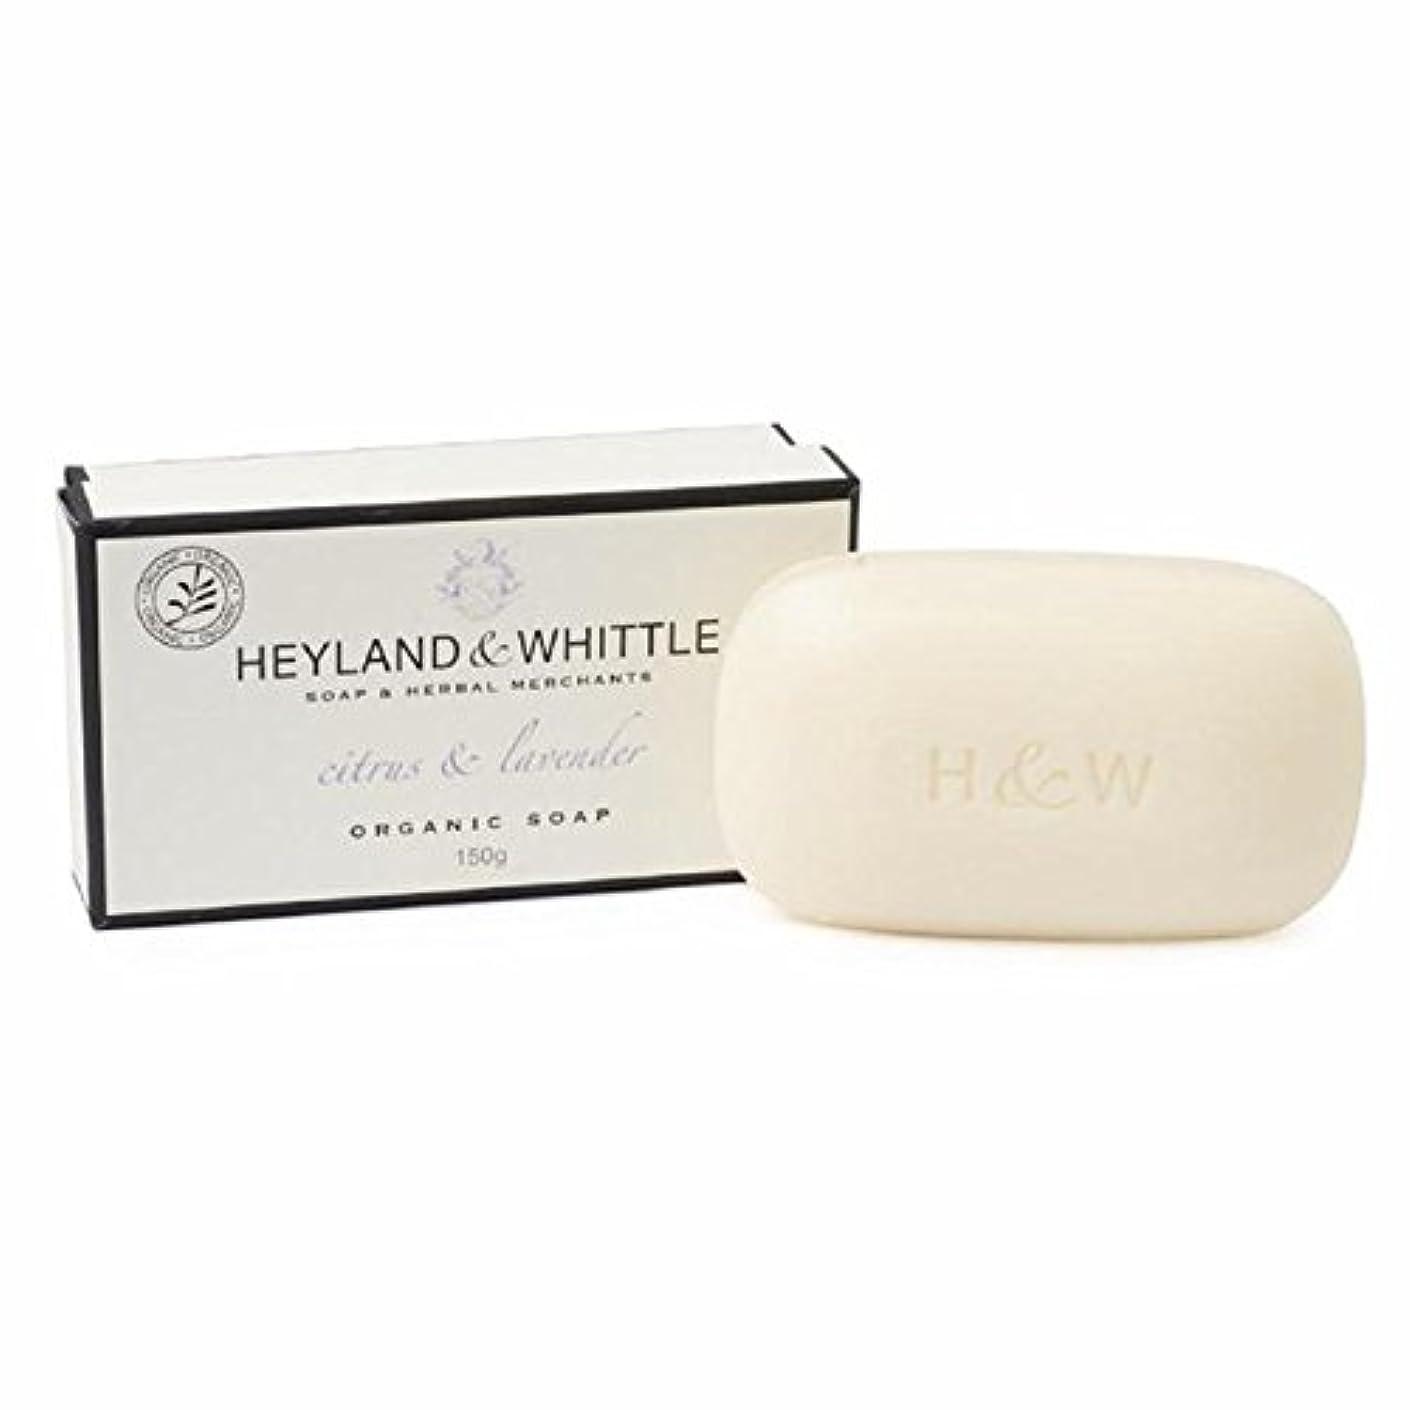 意志剛性絶対の&削るシトラス&ラベンダーは、有機石鹸150グラム箱入り x2 - Heyland & Whittle Citrus & Lavender Boxed Organic Soap 150g (Pack of 2) [並行輸入品]